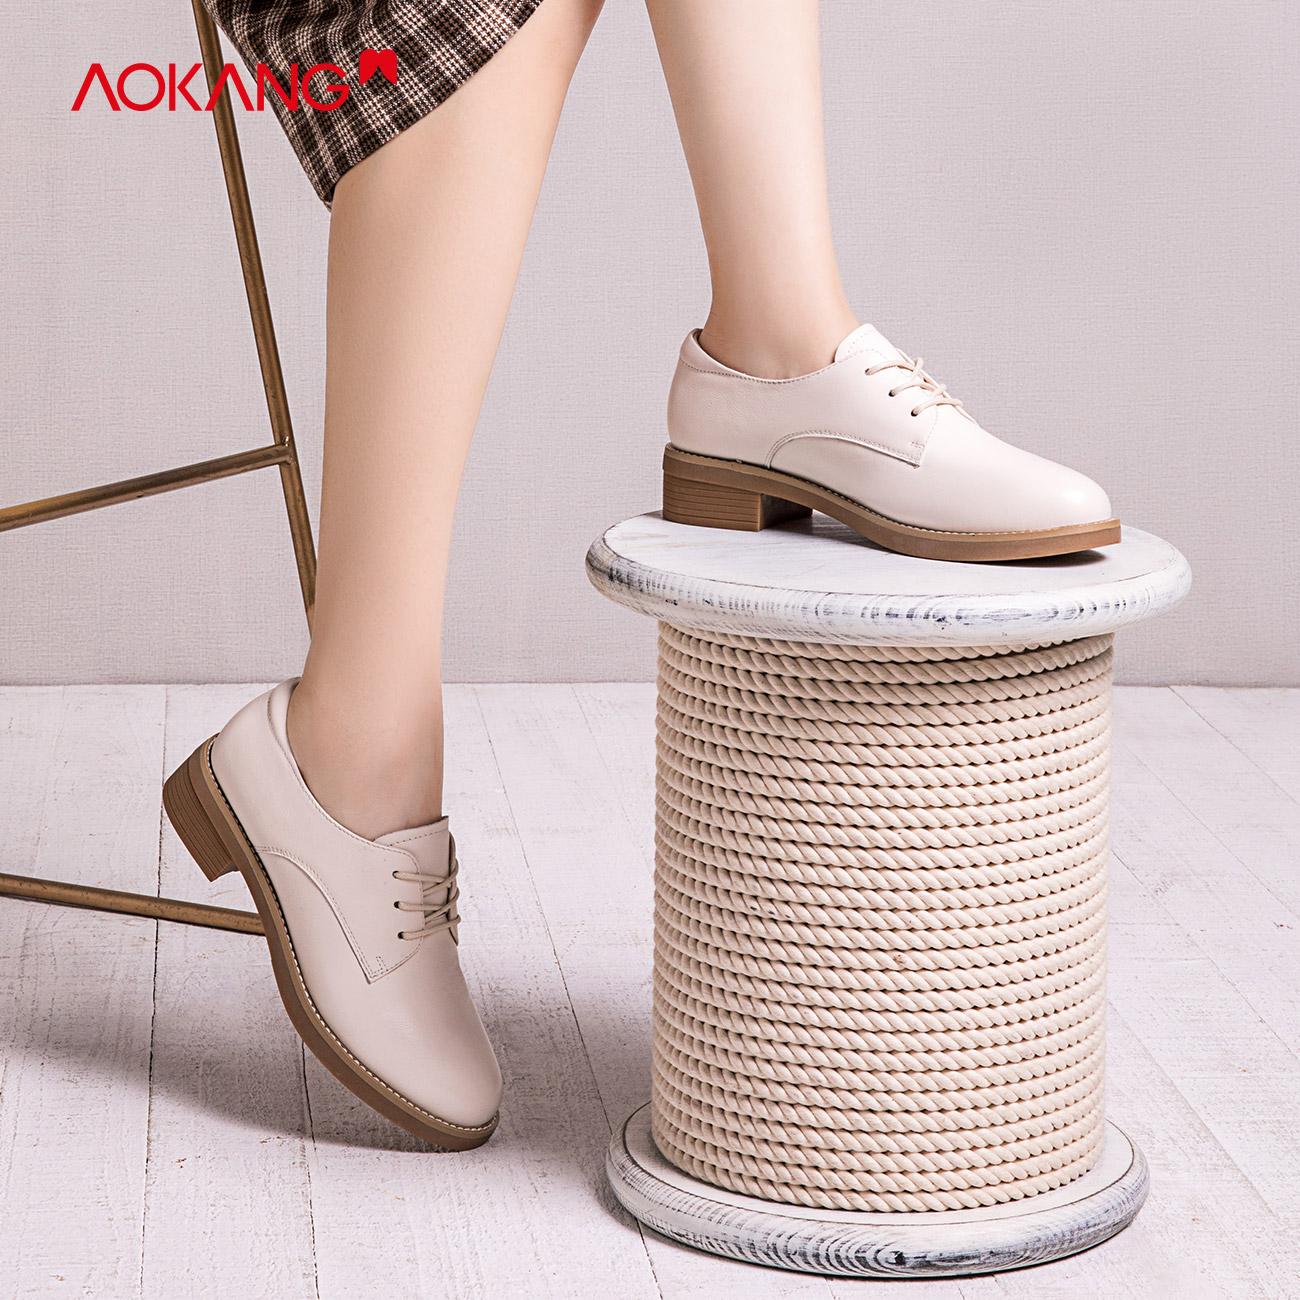 オーコンの女性靴2020春の新型ファッション百合牛皮皮皮皮皮皮皮靴靴、ワークシューズ、シンプルで粗いヒール